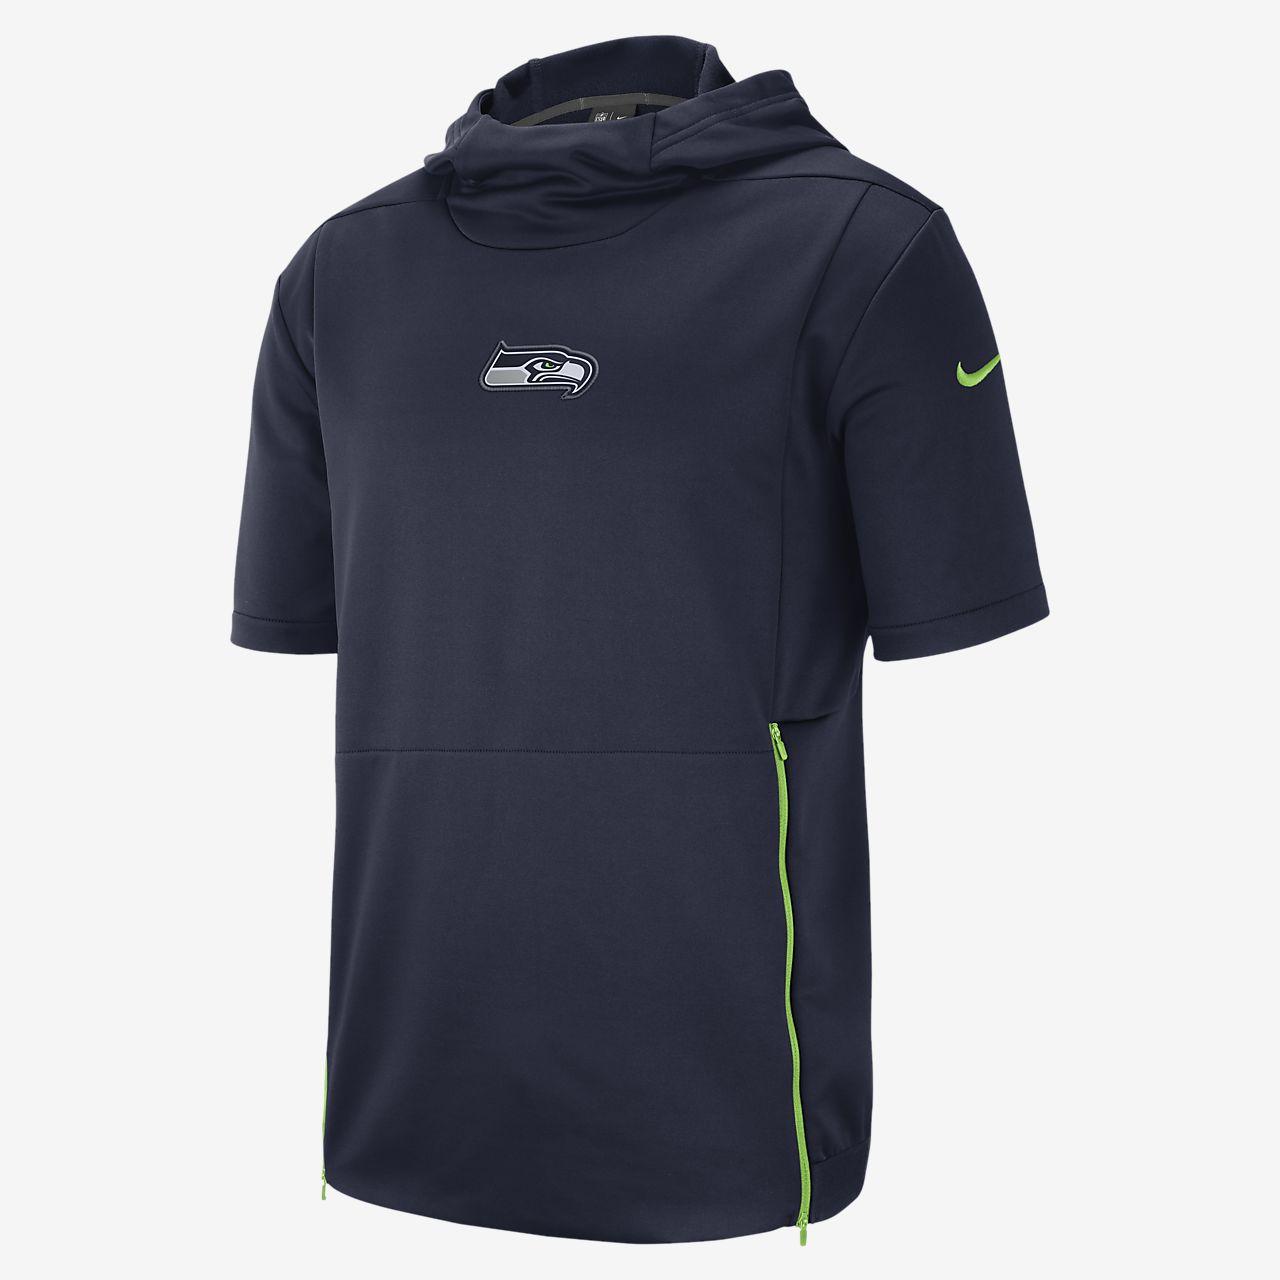 Haut à manches courtes et capuche Nike Dri-FIT Therma (NFL Seahawks) pour Homme